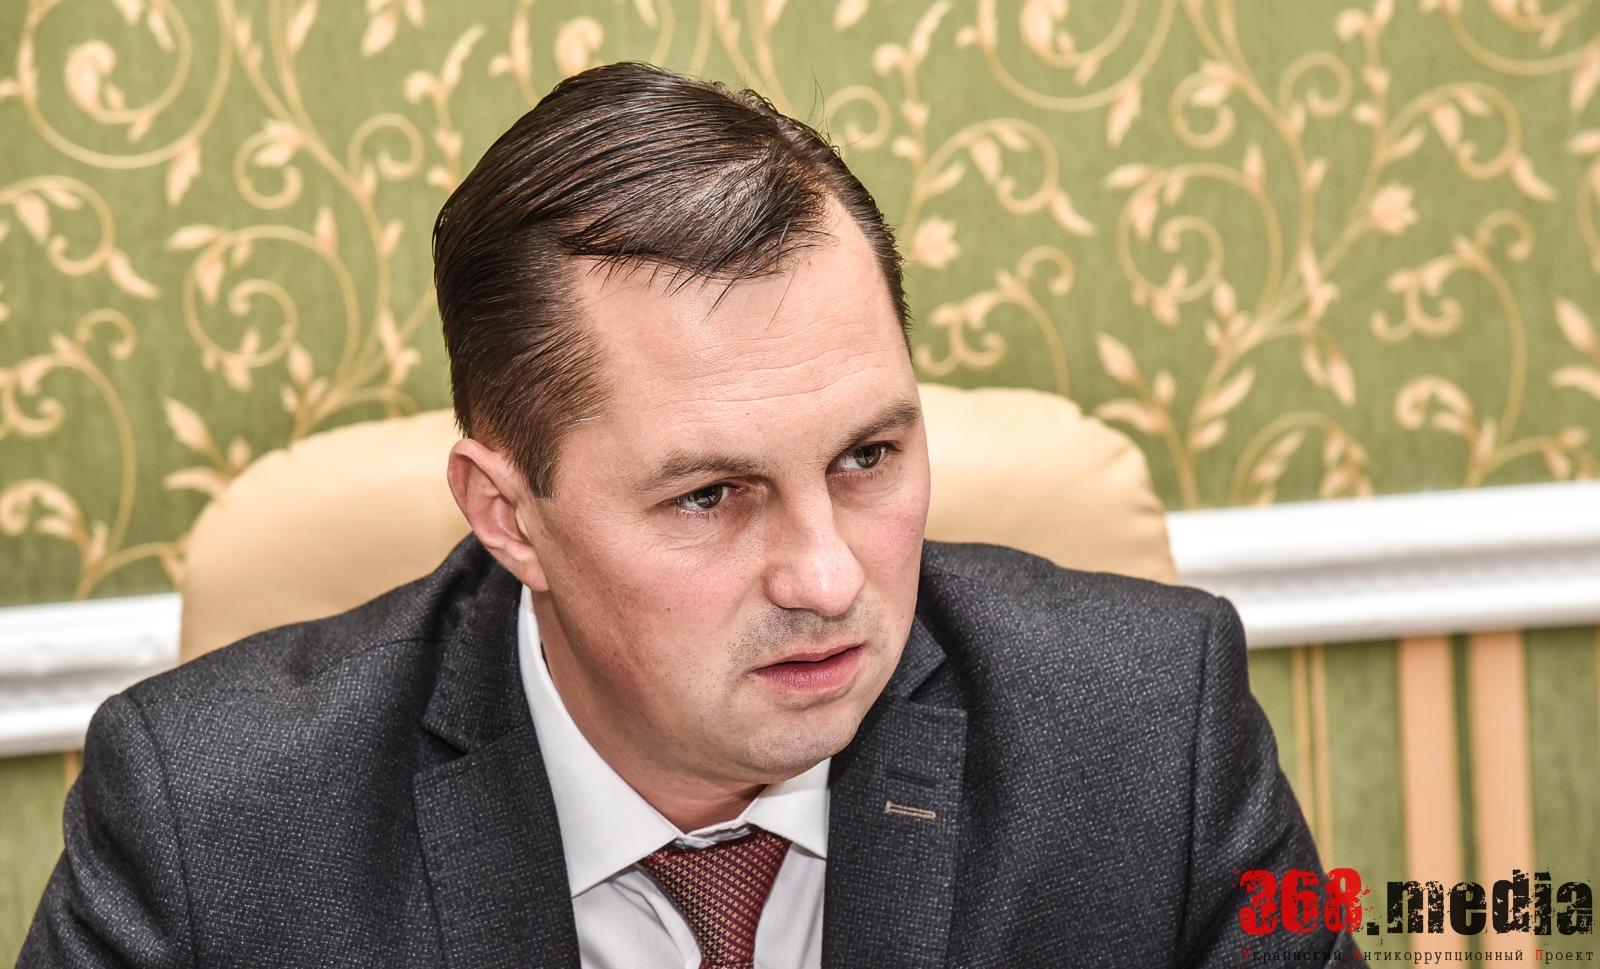 «Мы будто вернулись в 1946 год: разбои совершаются почти каждый день» – начальник криминальной милиции Одесской области Дмитрий Головин